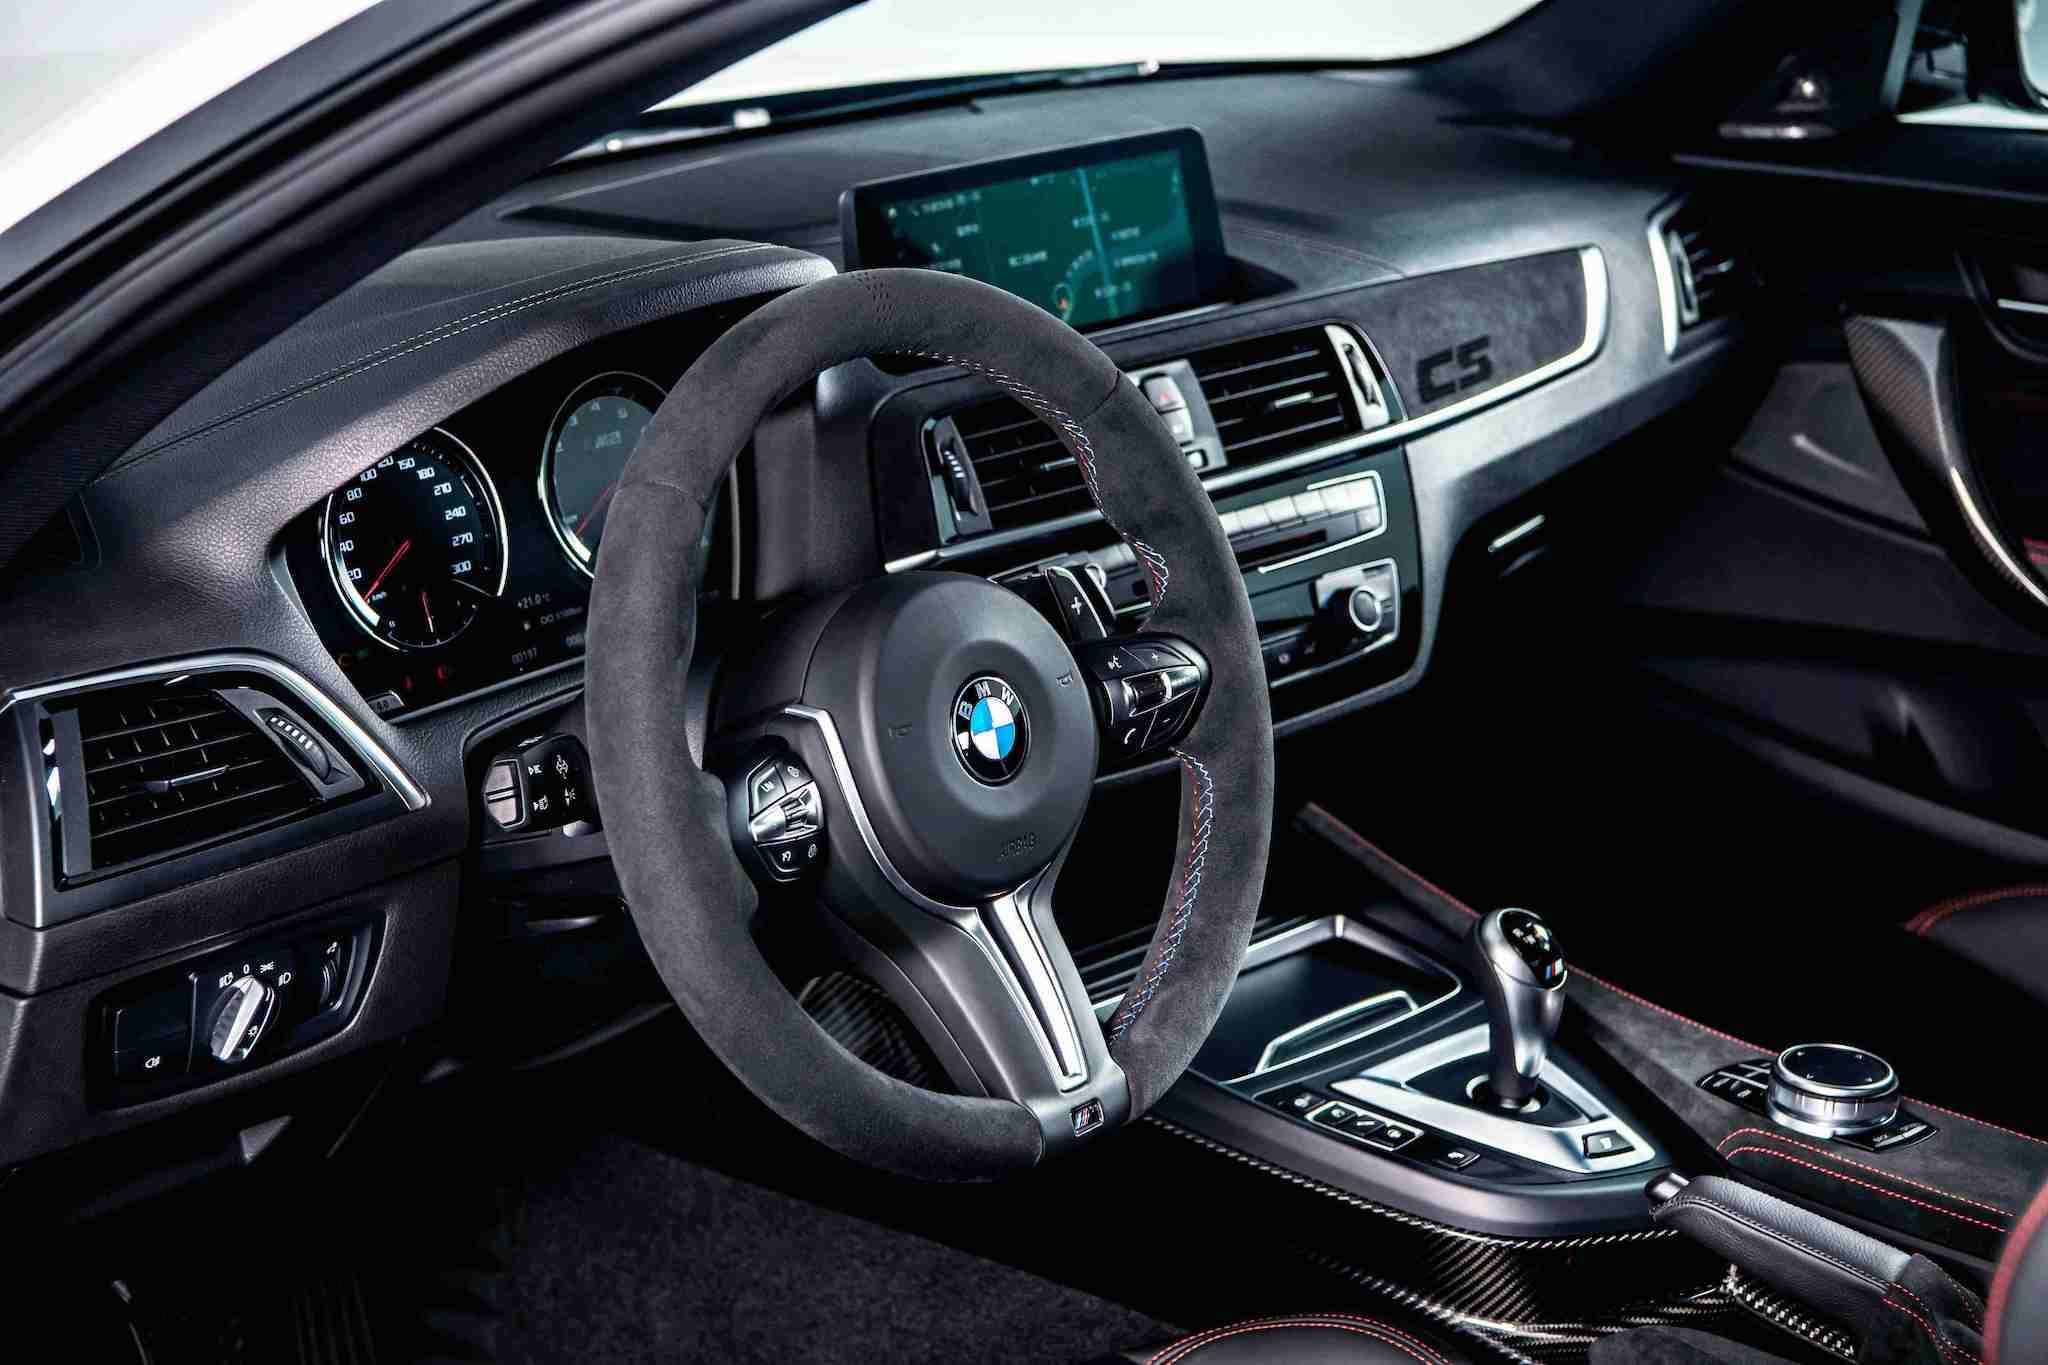 全新 BMW M2 CS 處處可見 Alcantara 麂皮材質與對比紅色縫線設計,副駕駛座前方更鑲上專屬的紅色「CS」字樣。